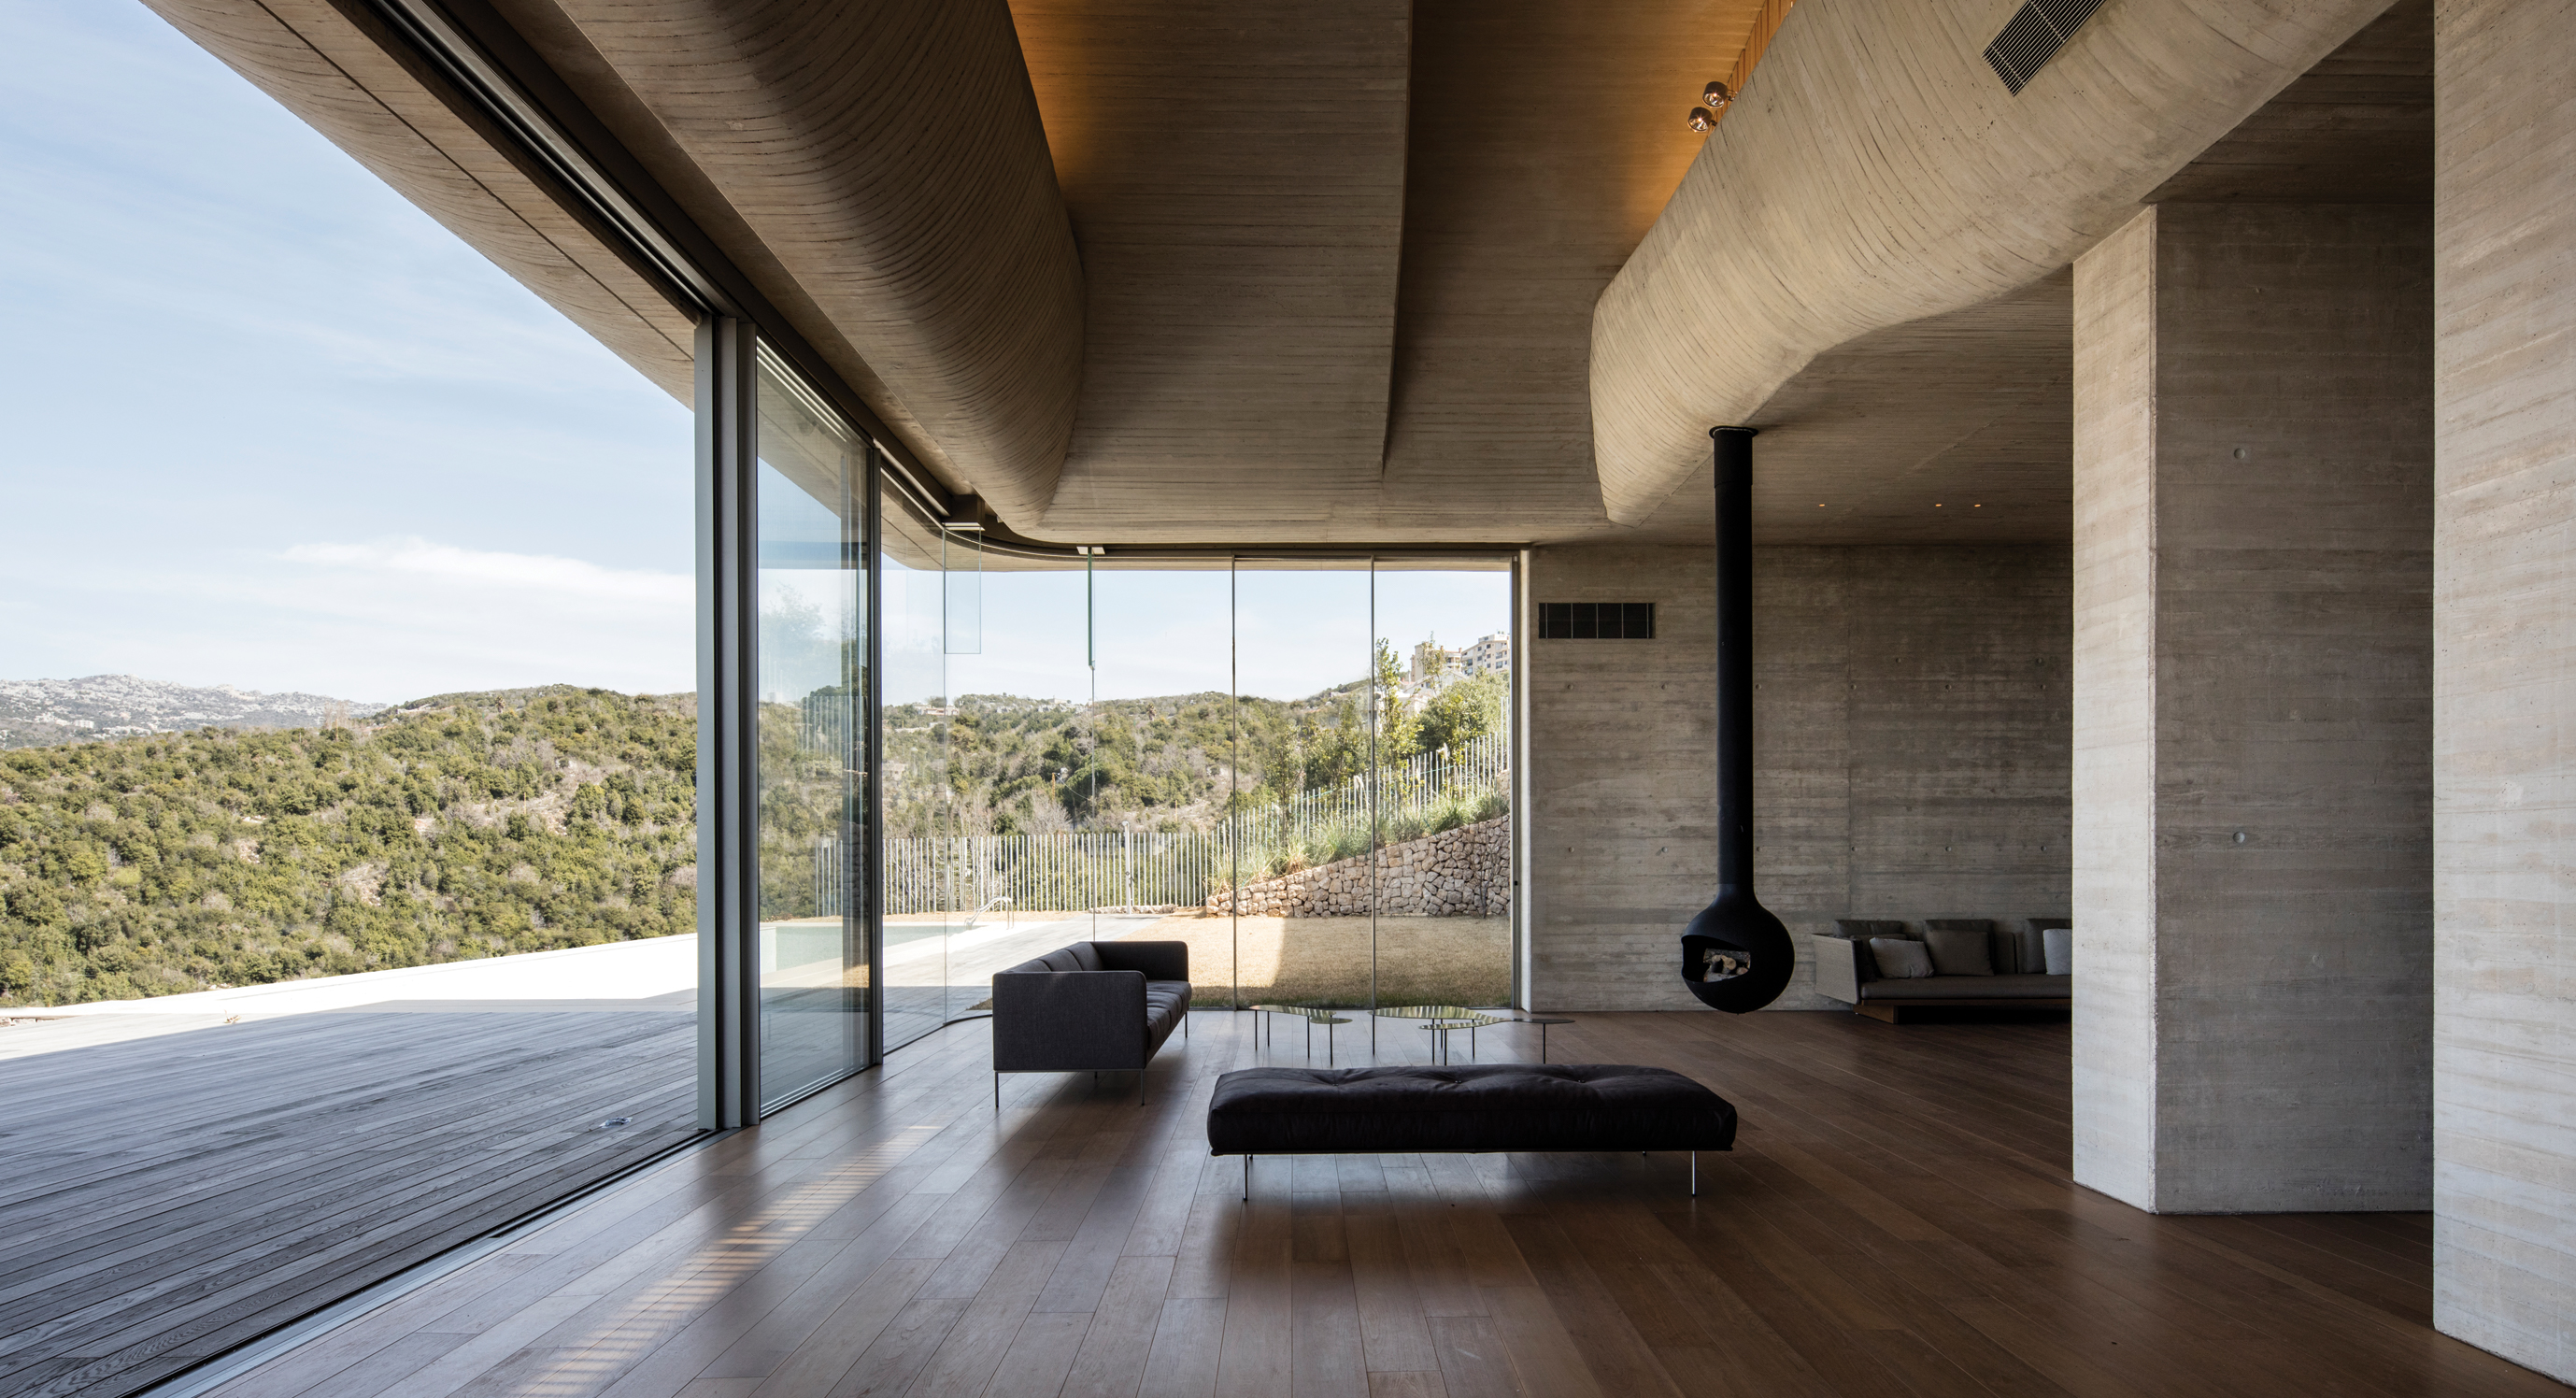 Villa-VR Is A Celebration of Concrete Brutalism